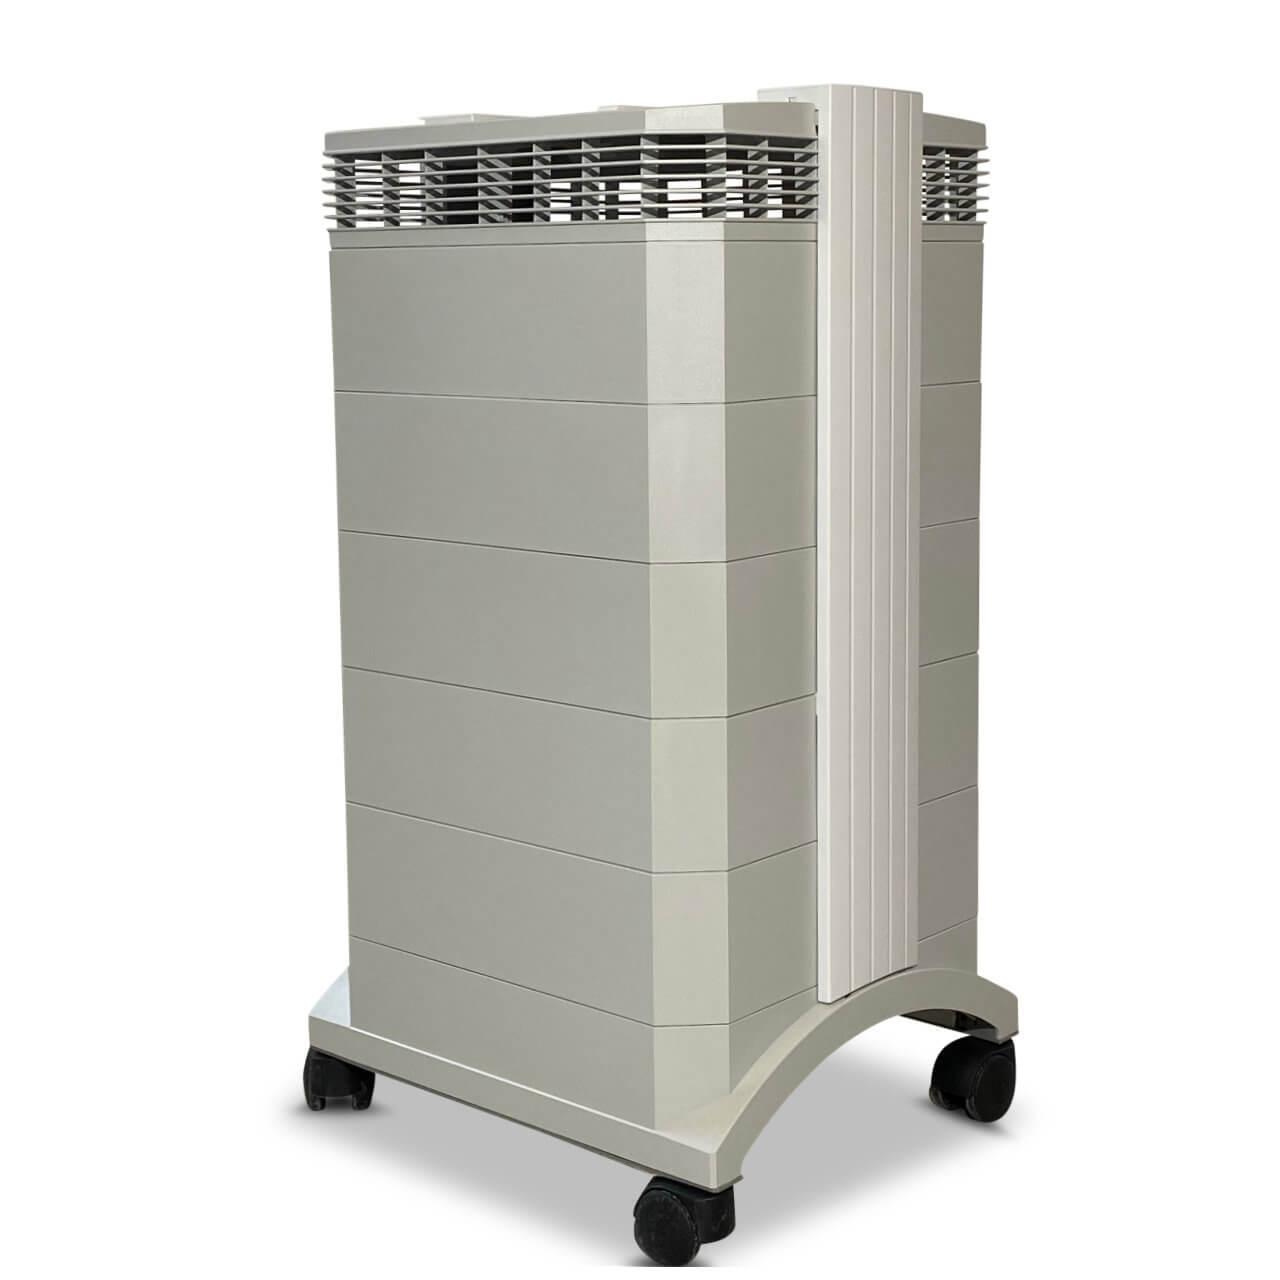 Luftreiniger HealthPro 250 001 - IQAir Luftreiniger HealthPro<sup>®</sup> 250 im Einsatz gegen Corona Virus / Covid-19